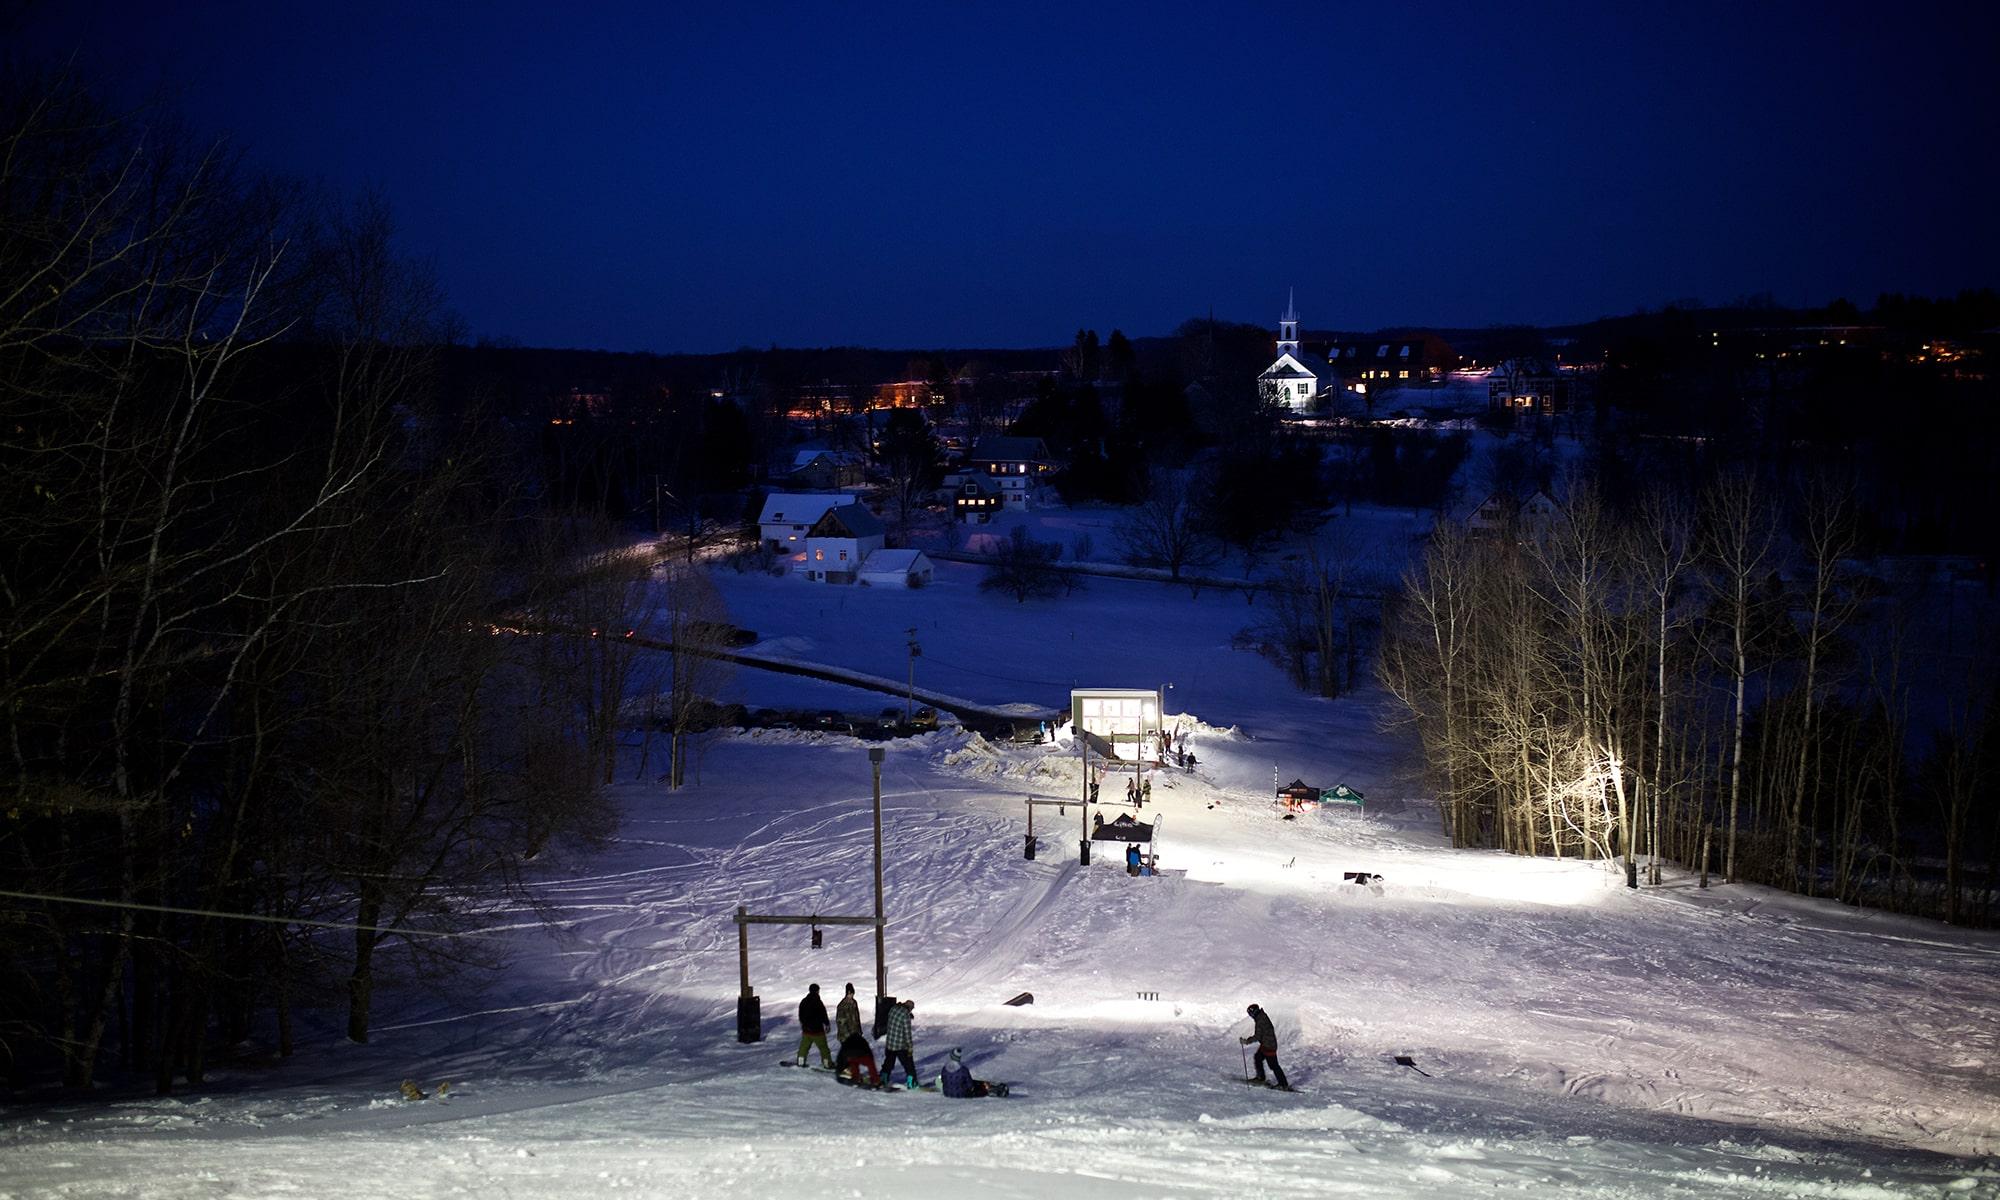 Ski Hill, Randolph Center campus, lights, skiing, boarding